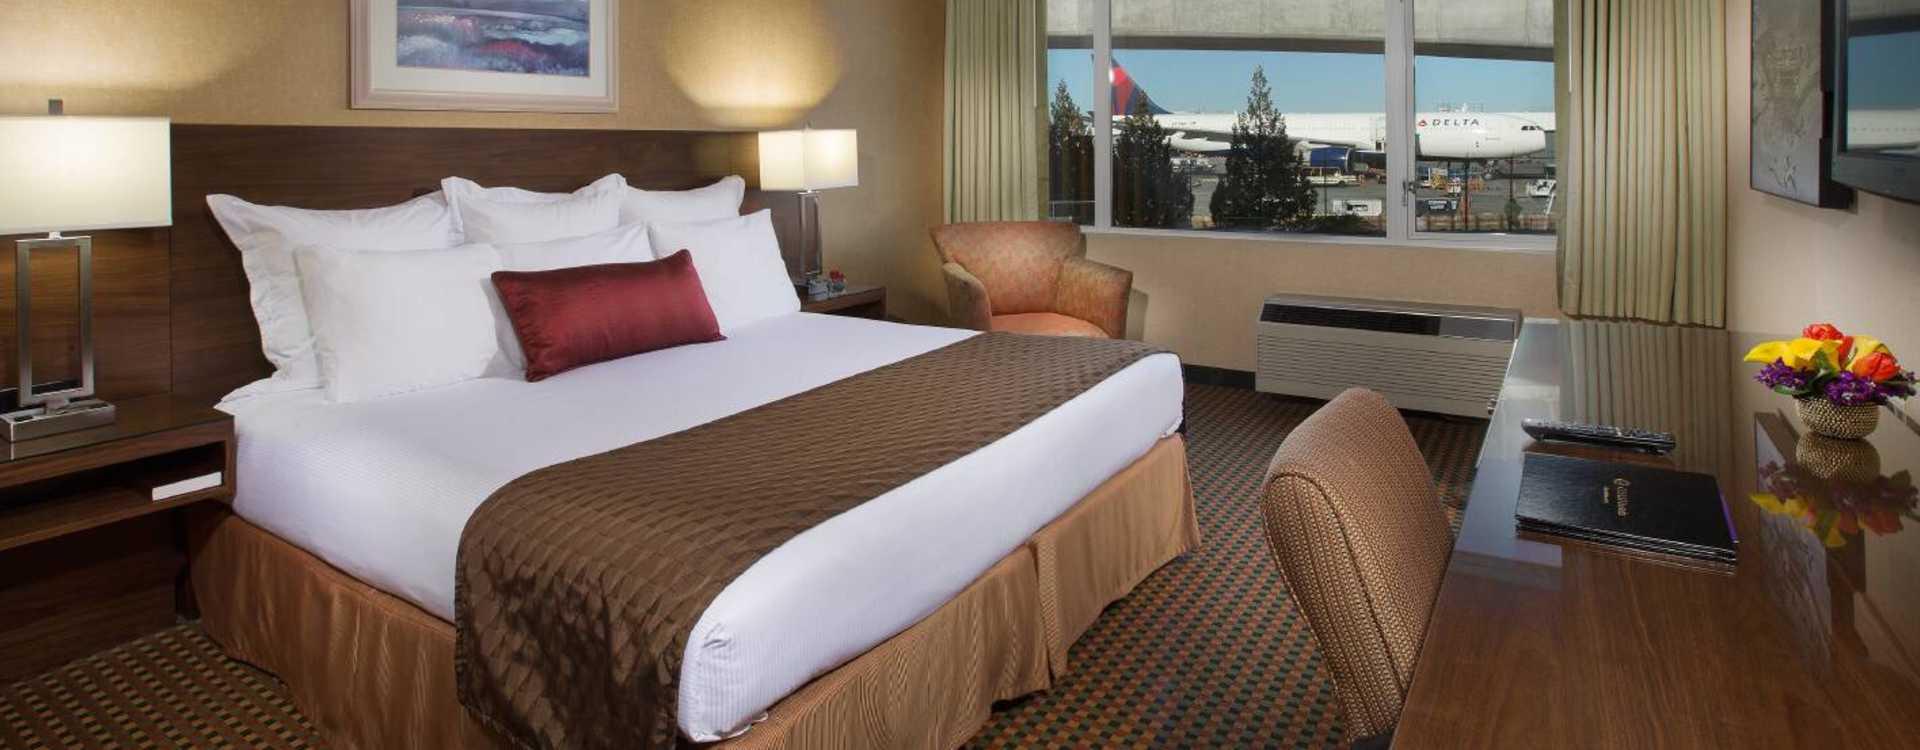 Coast Gateway Hotel Guest Room